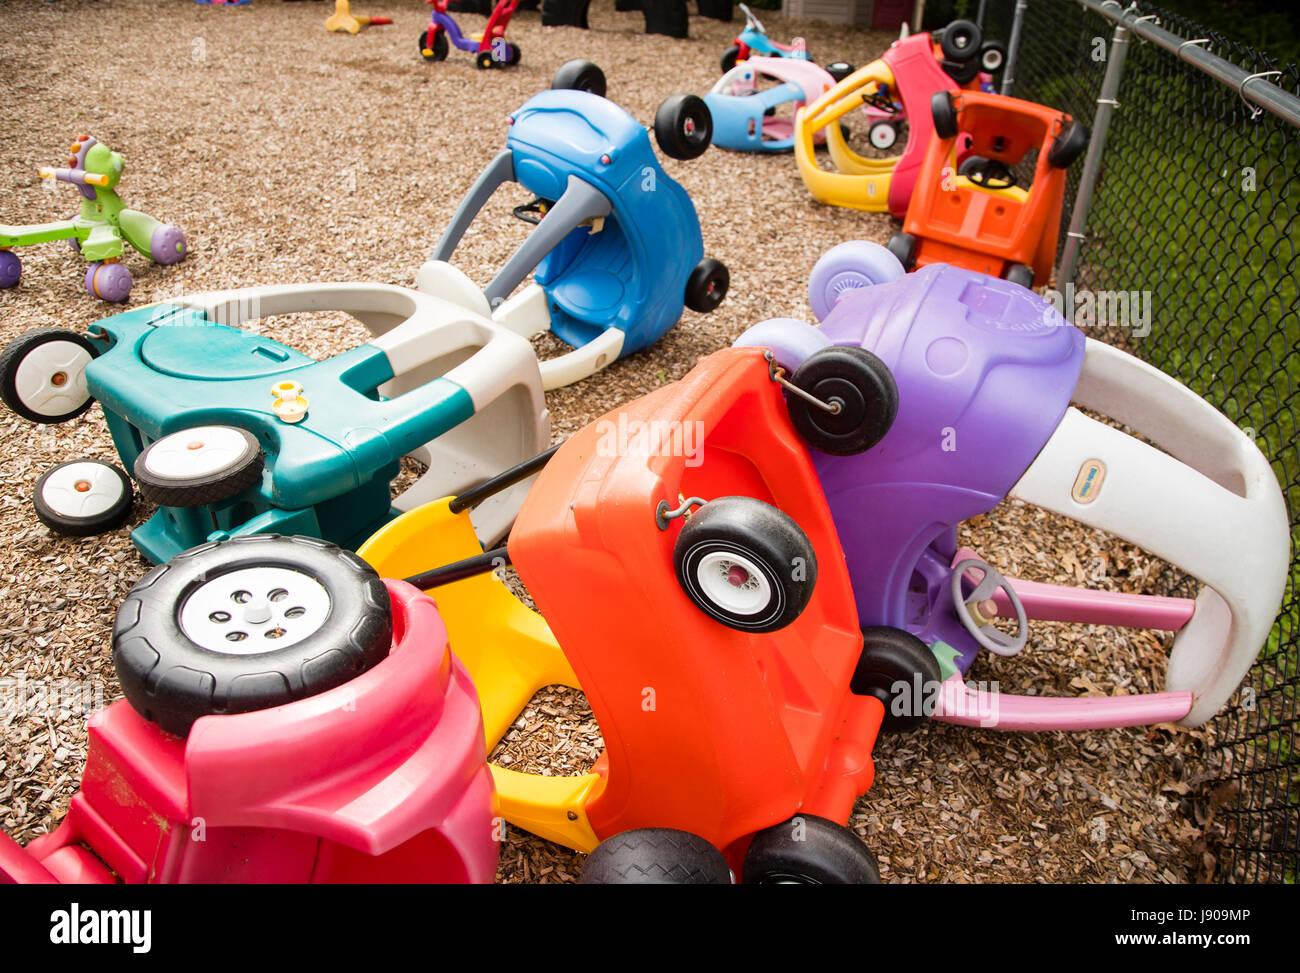 Giocattoli per bambini in una scuola materna nel New Jersey Immagini Stock